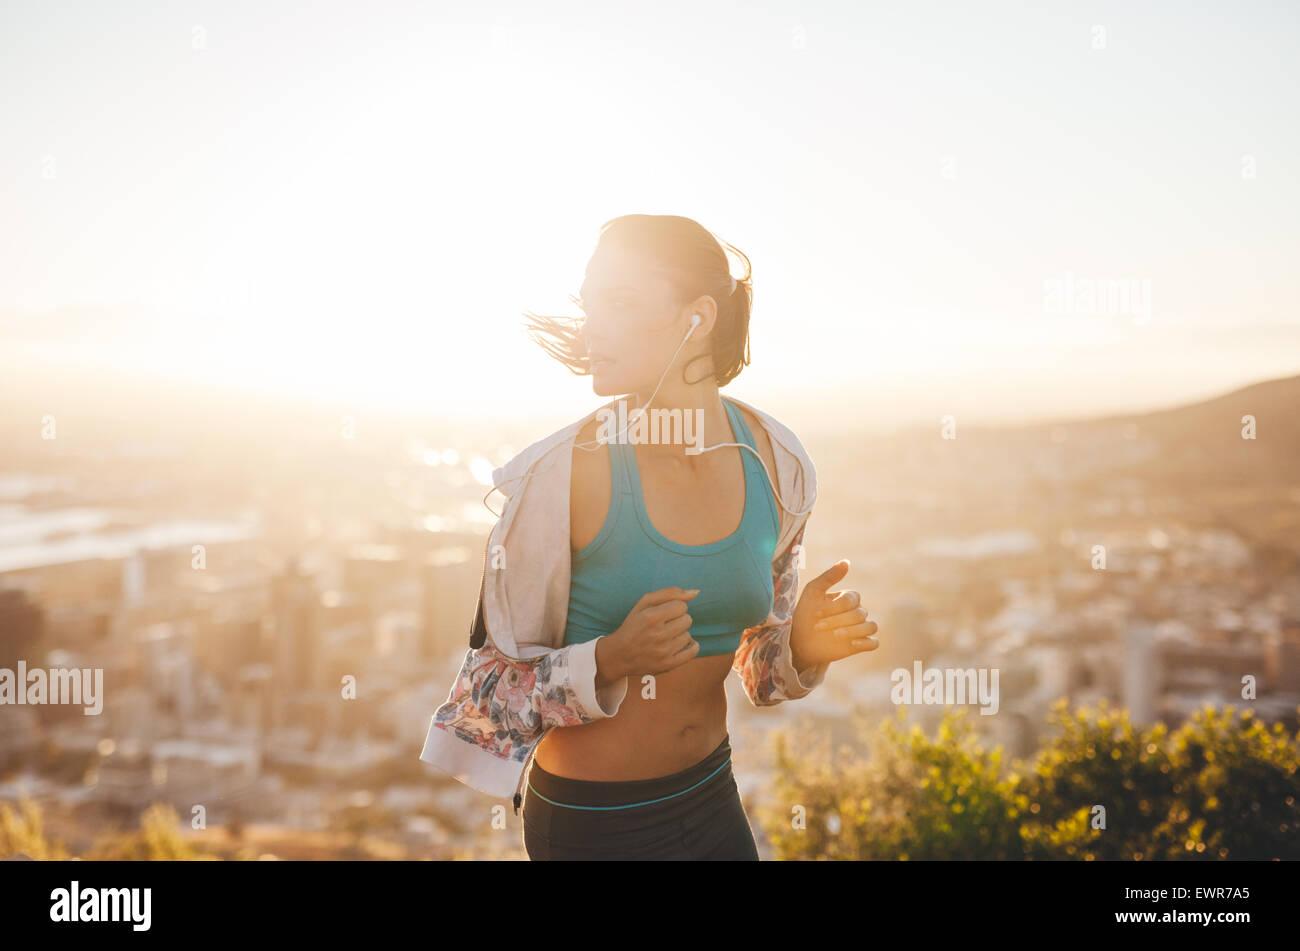 Runner di formazione nella natura con il sole che tramonta dietro di lei. Giovane donna in esecuzione all'esterno Immagini Stock